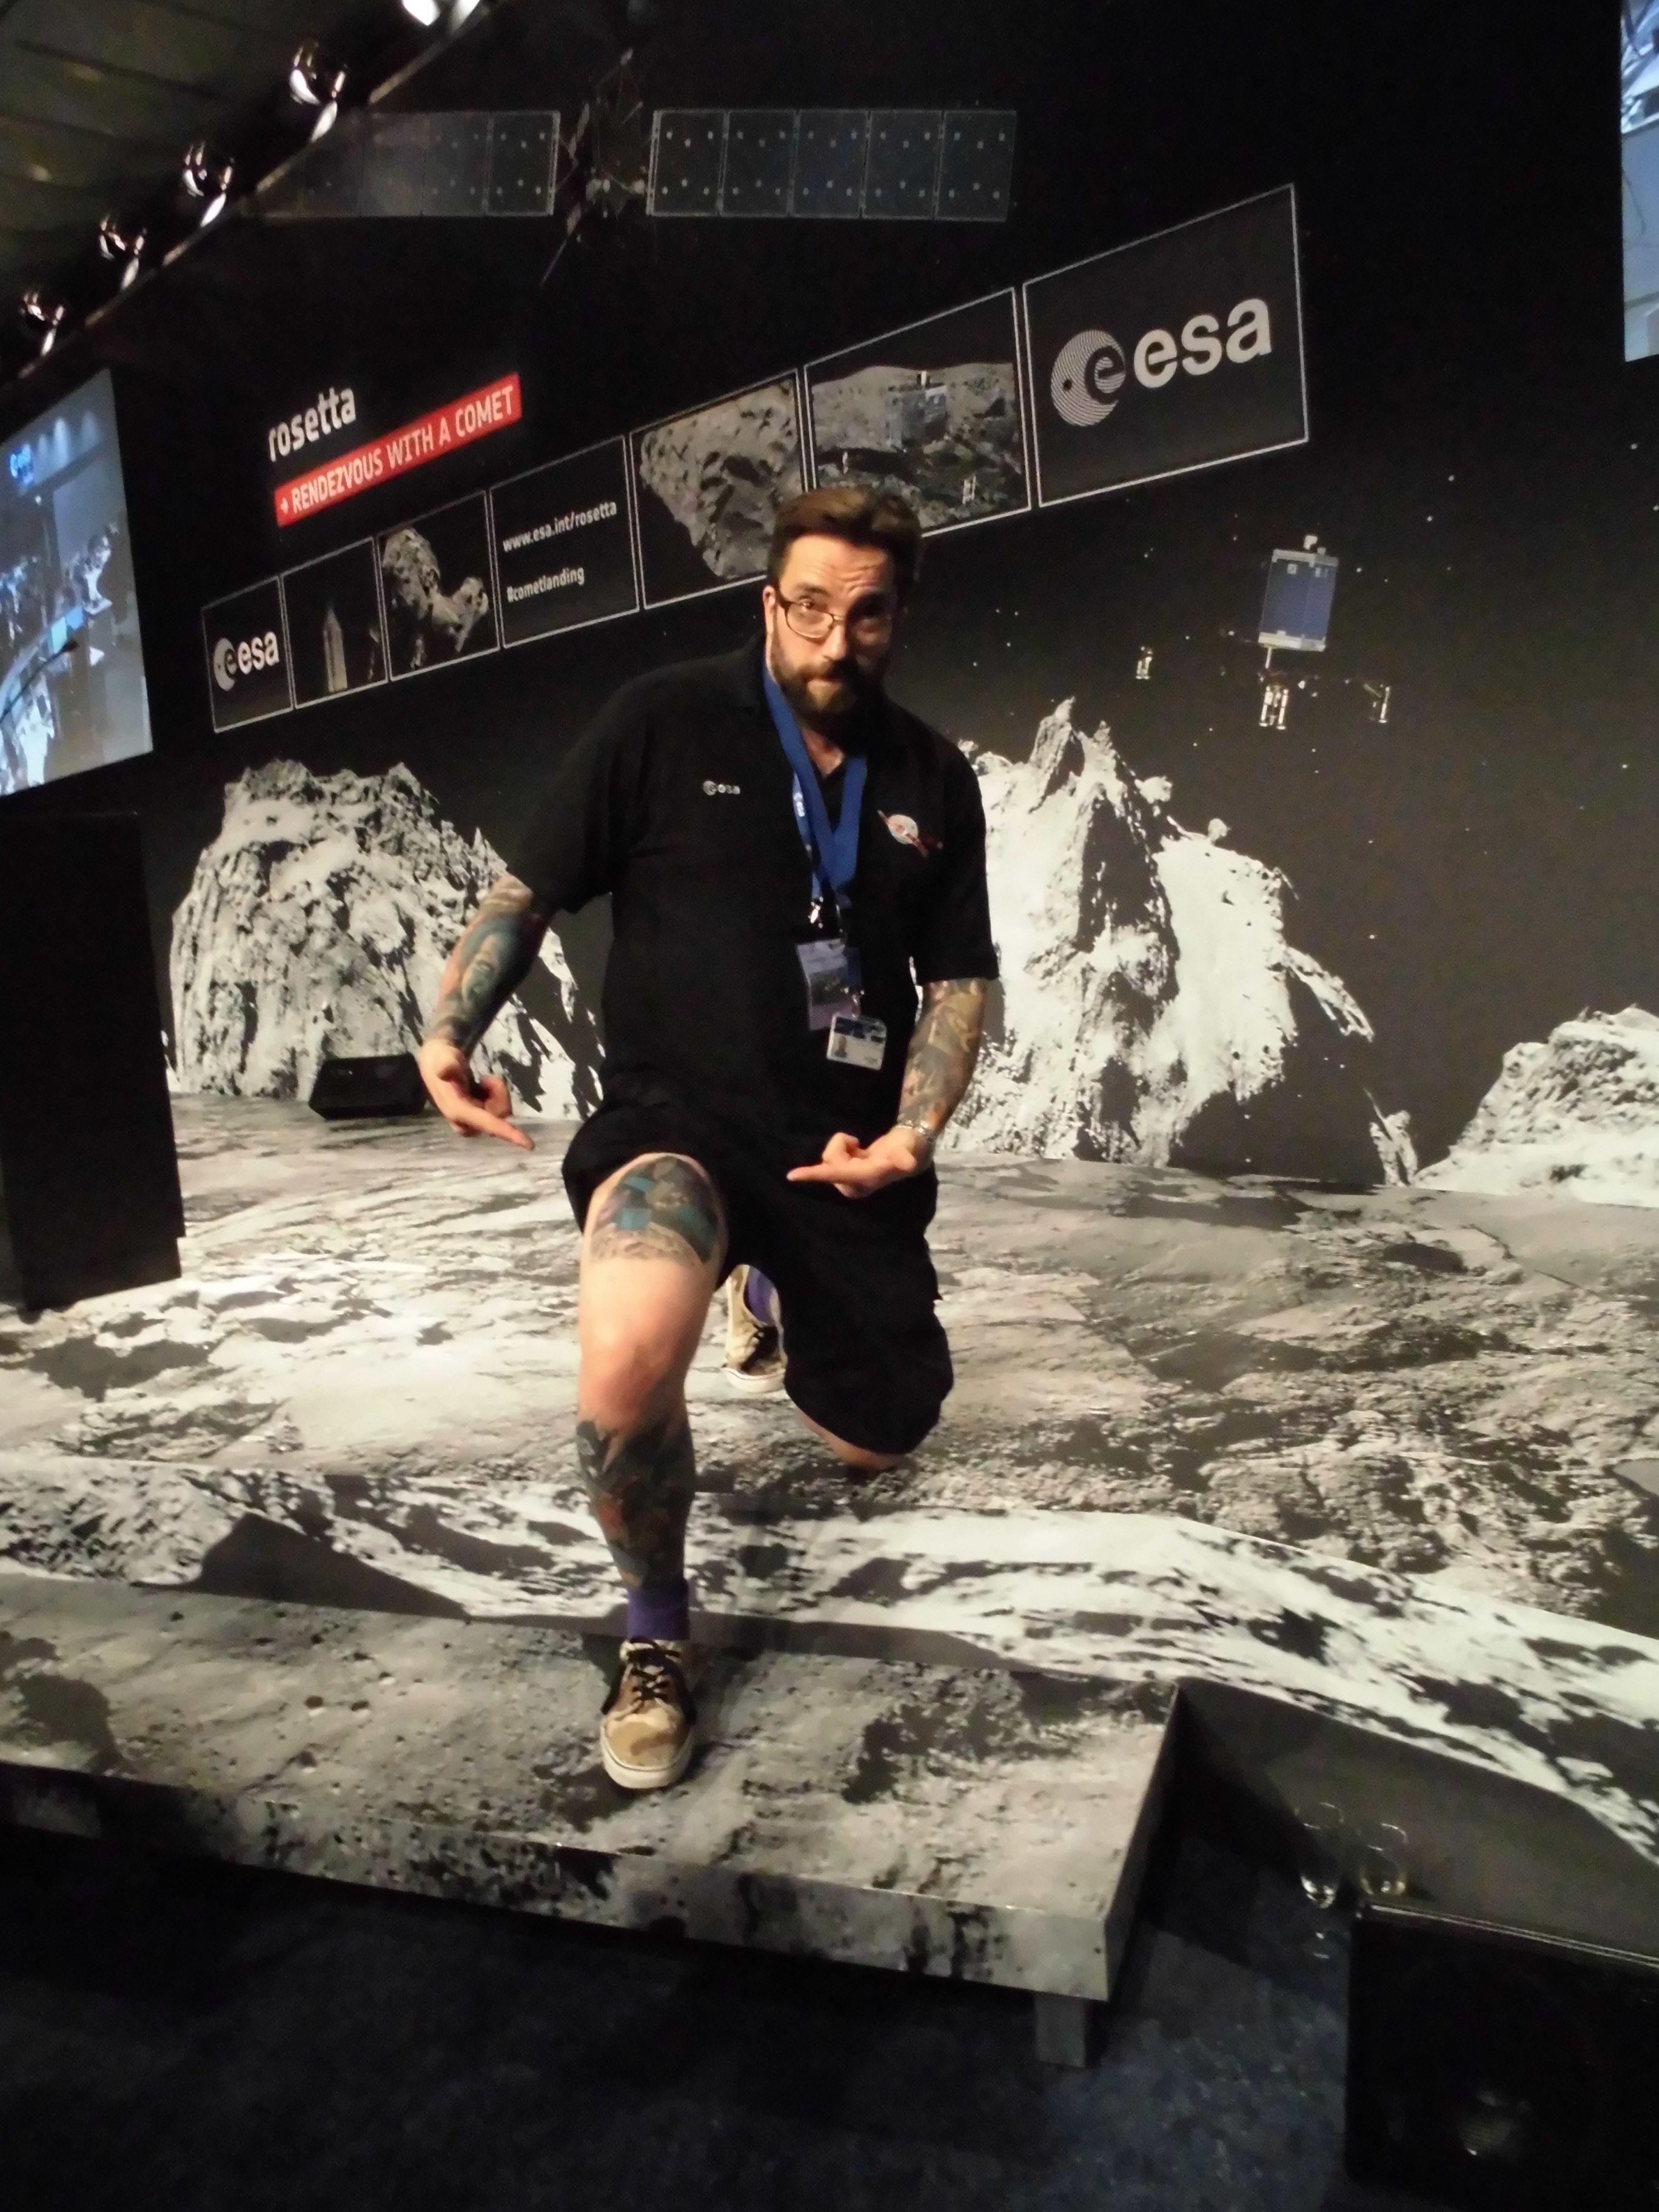 Matt Taylor zeigt in gehobener Laune seine Tatoos, darunter jenes auf seinem rechten Oberschenkel von Rosetta